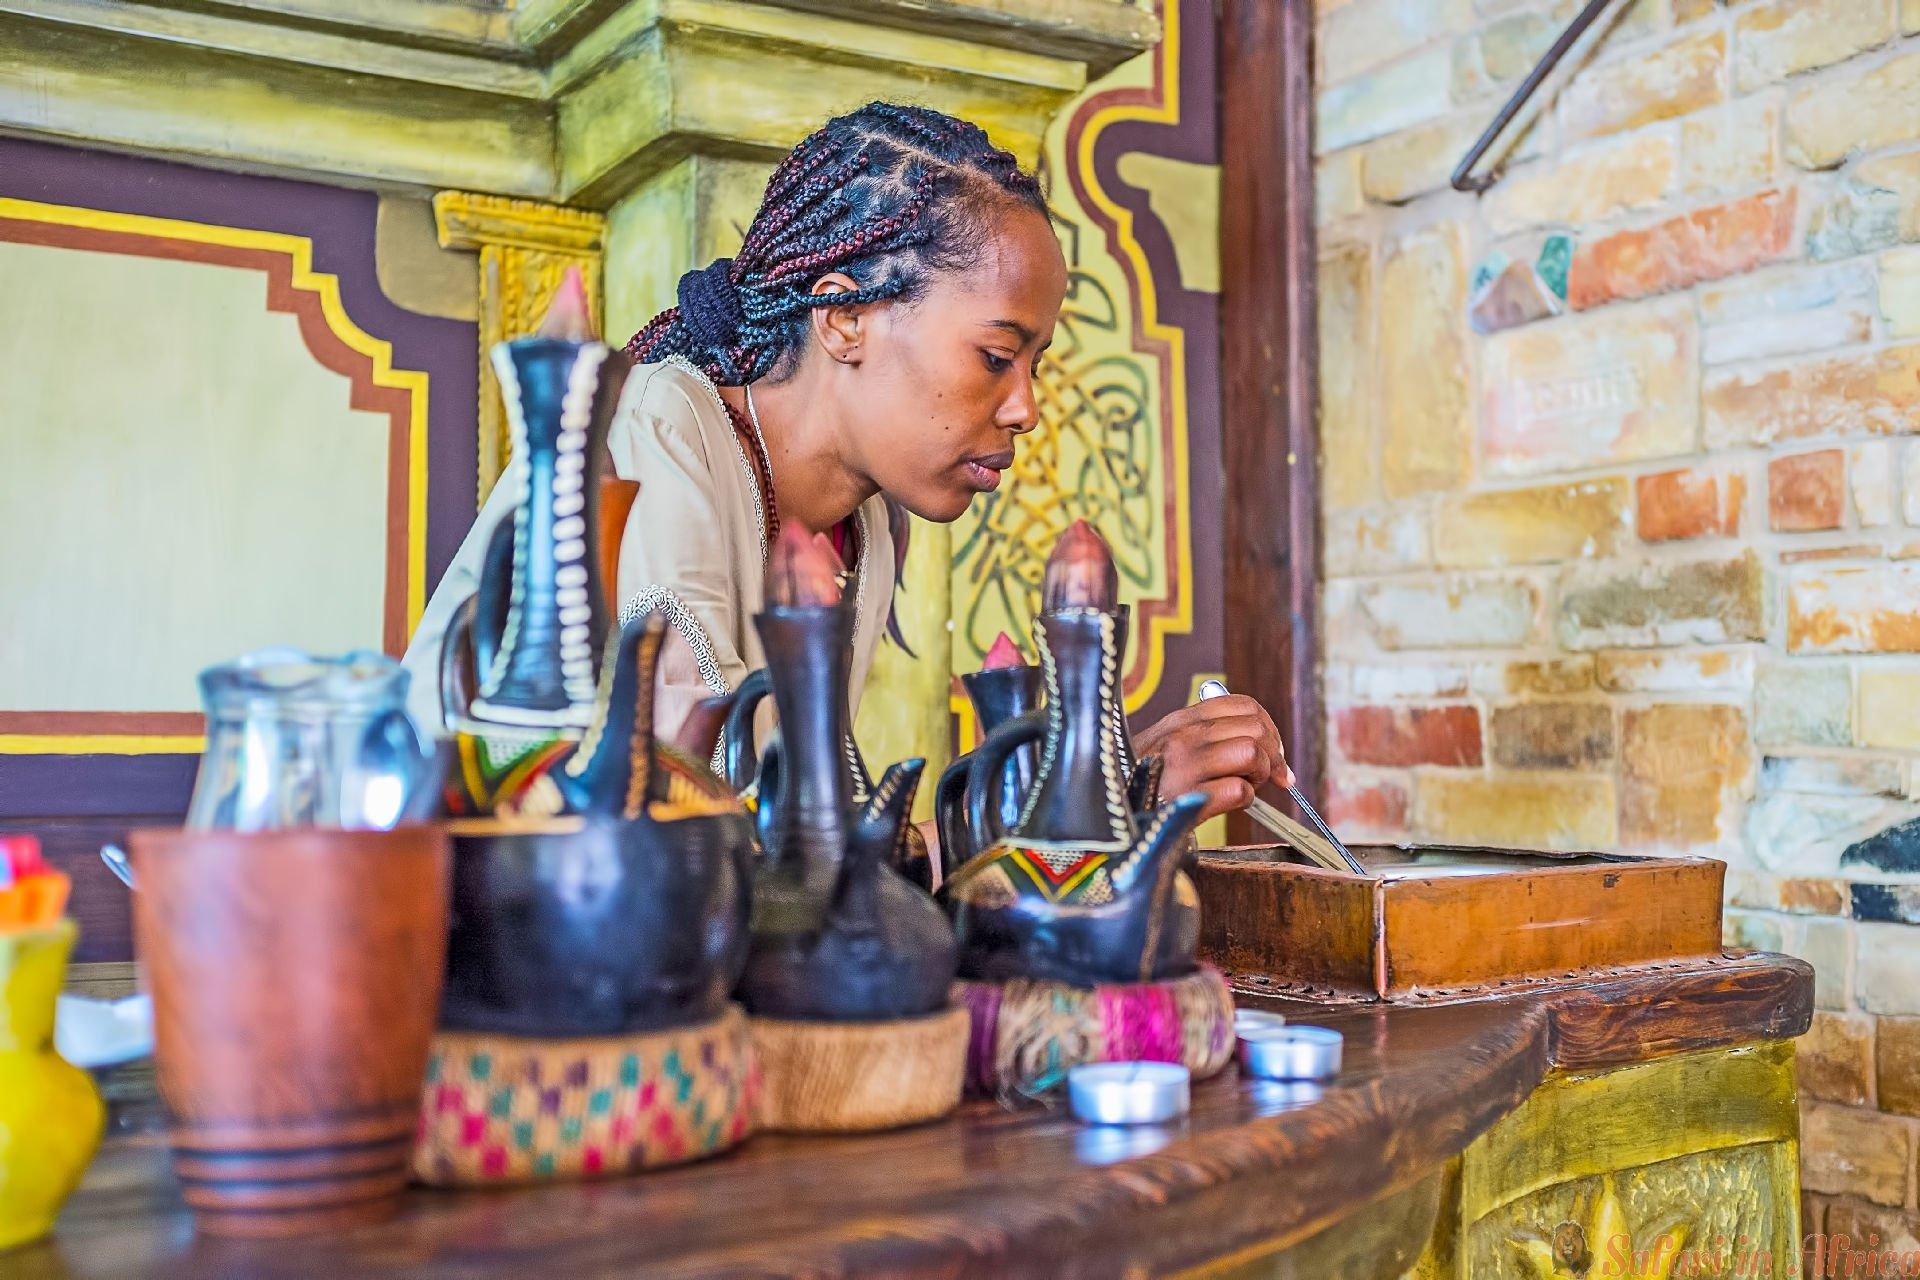 Het jonge Ethiopische Tigrayan-meisje op het werk - ze braadt koffiebonen voor de traditionele koffieceremonie